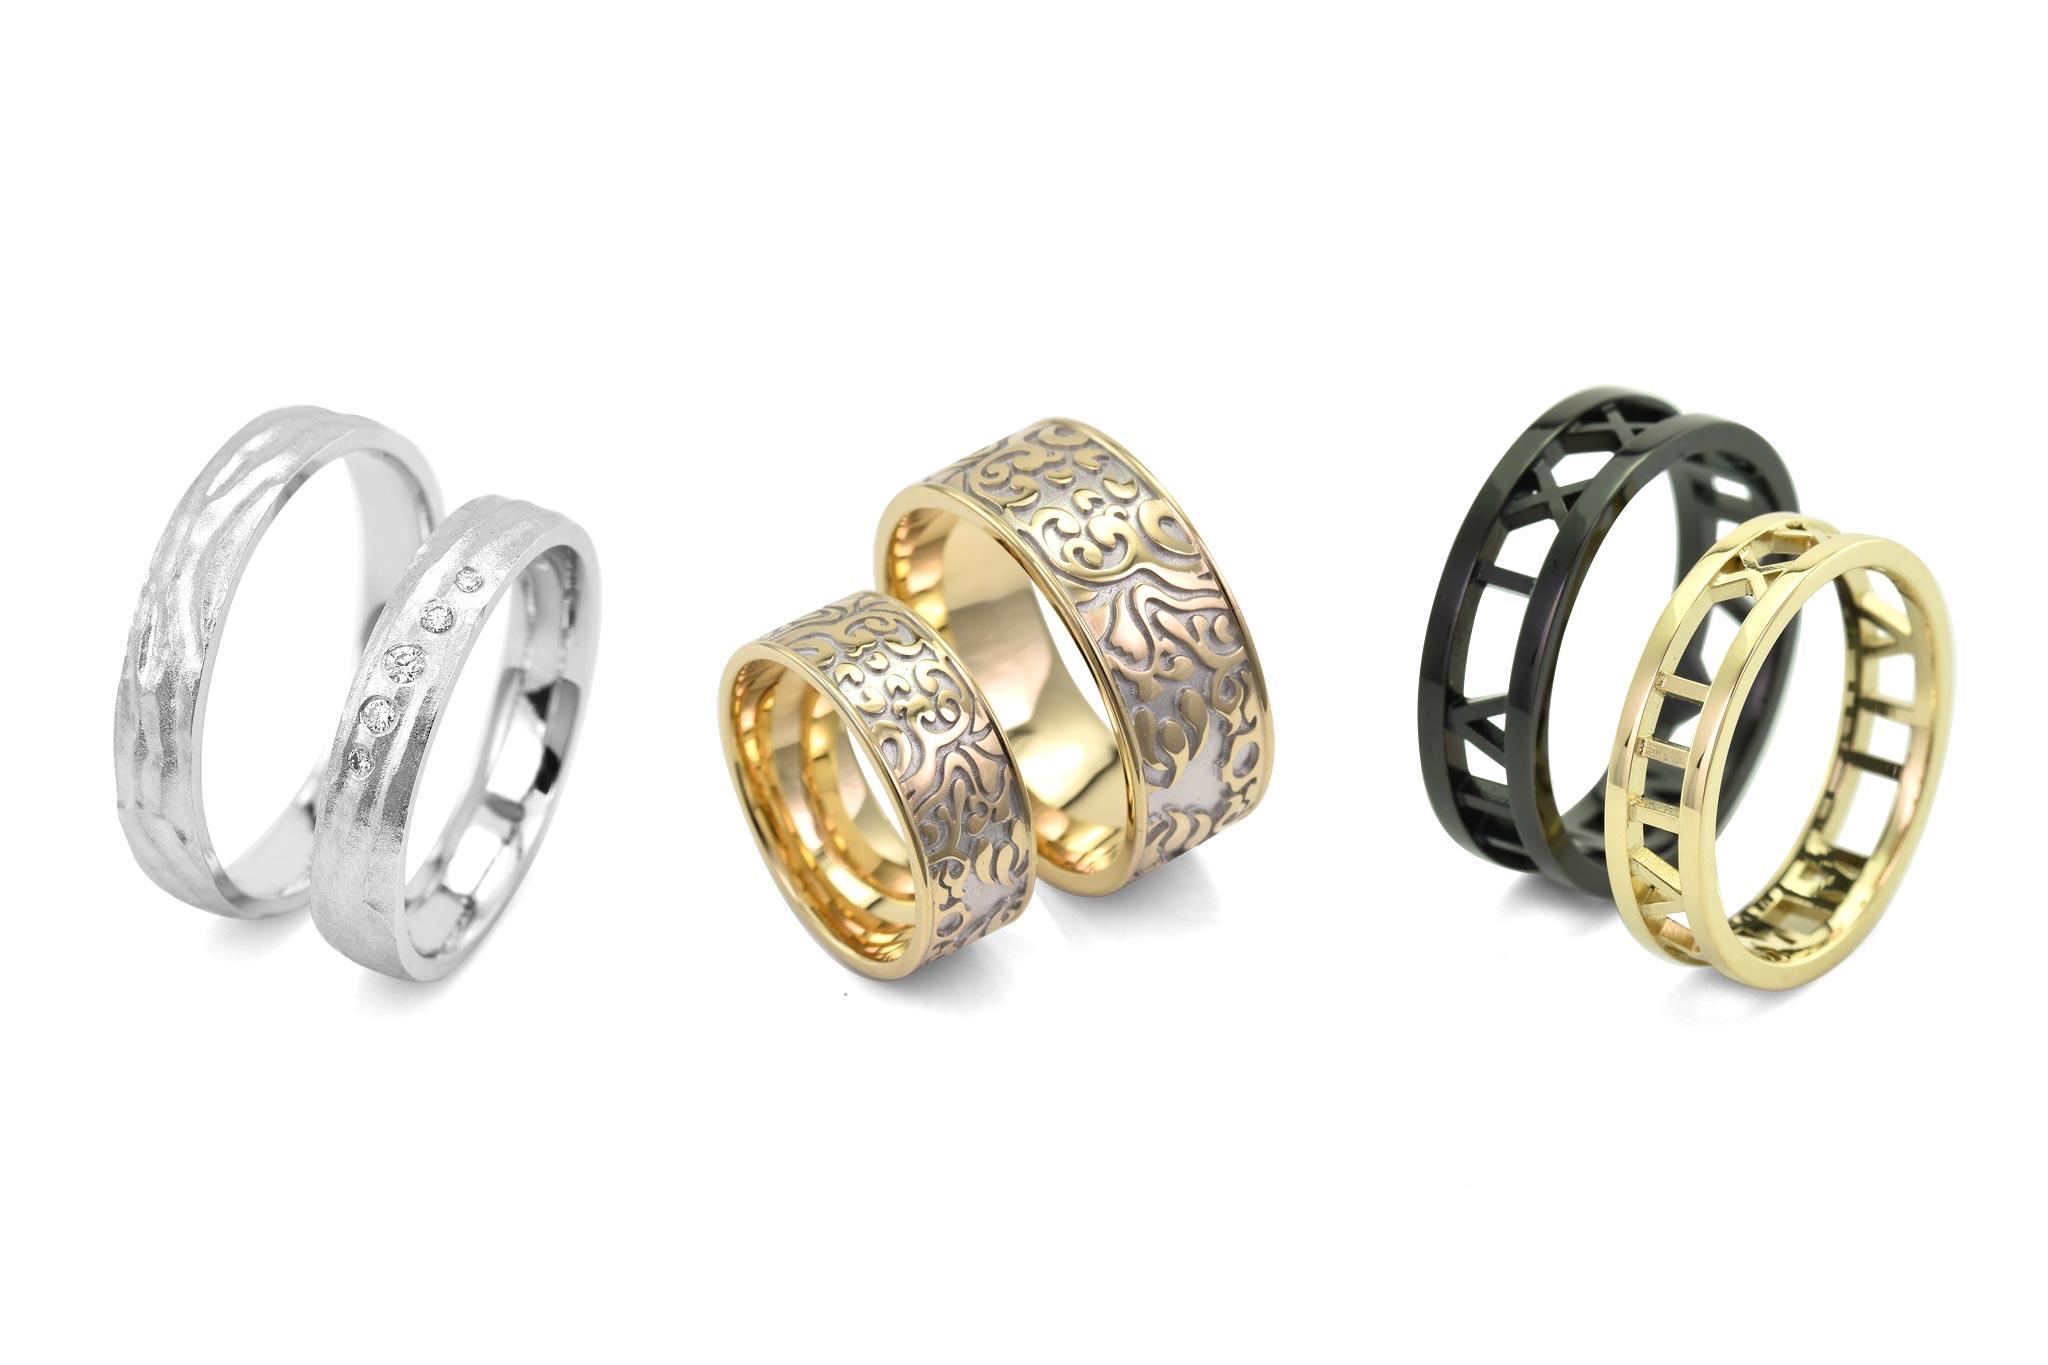 Šperky na zákazku podľa vašich predstáv  aec9a837d75